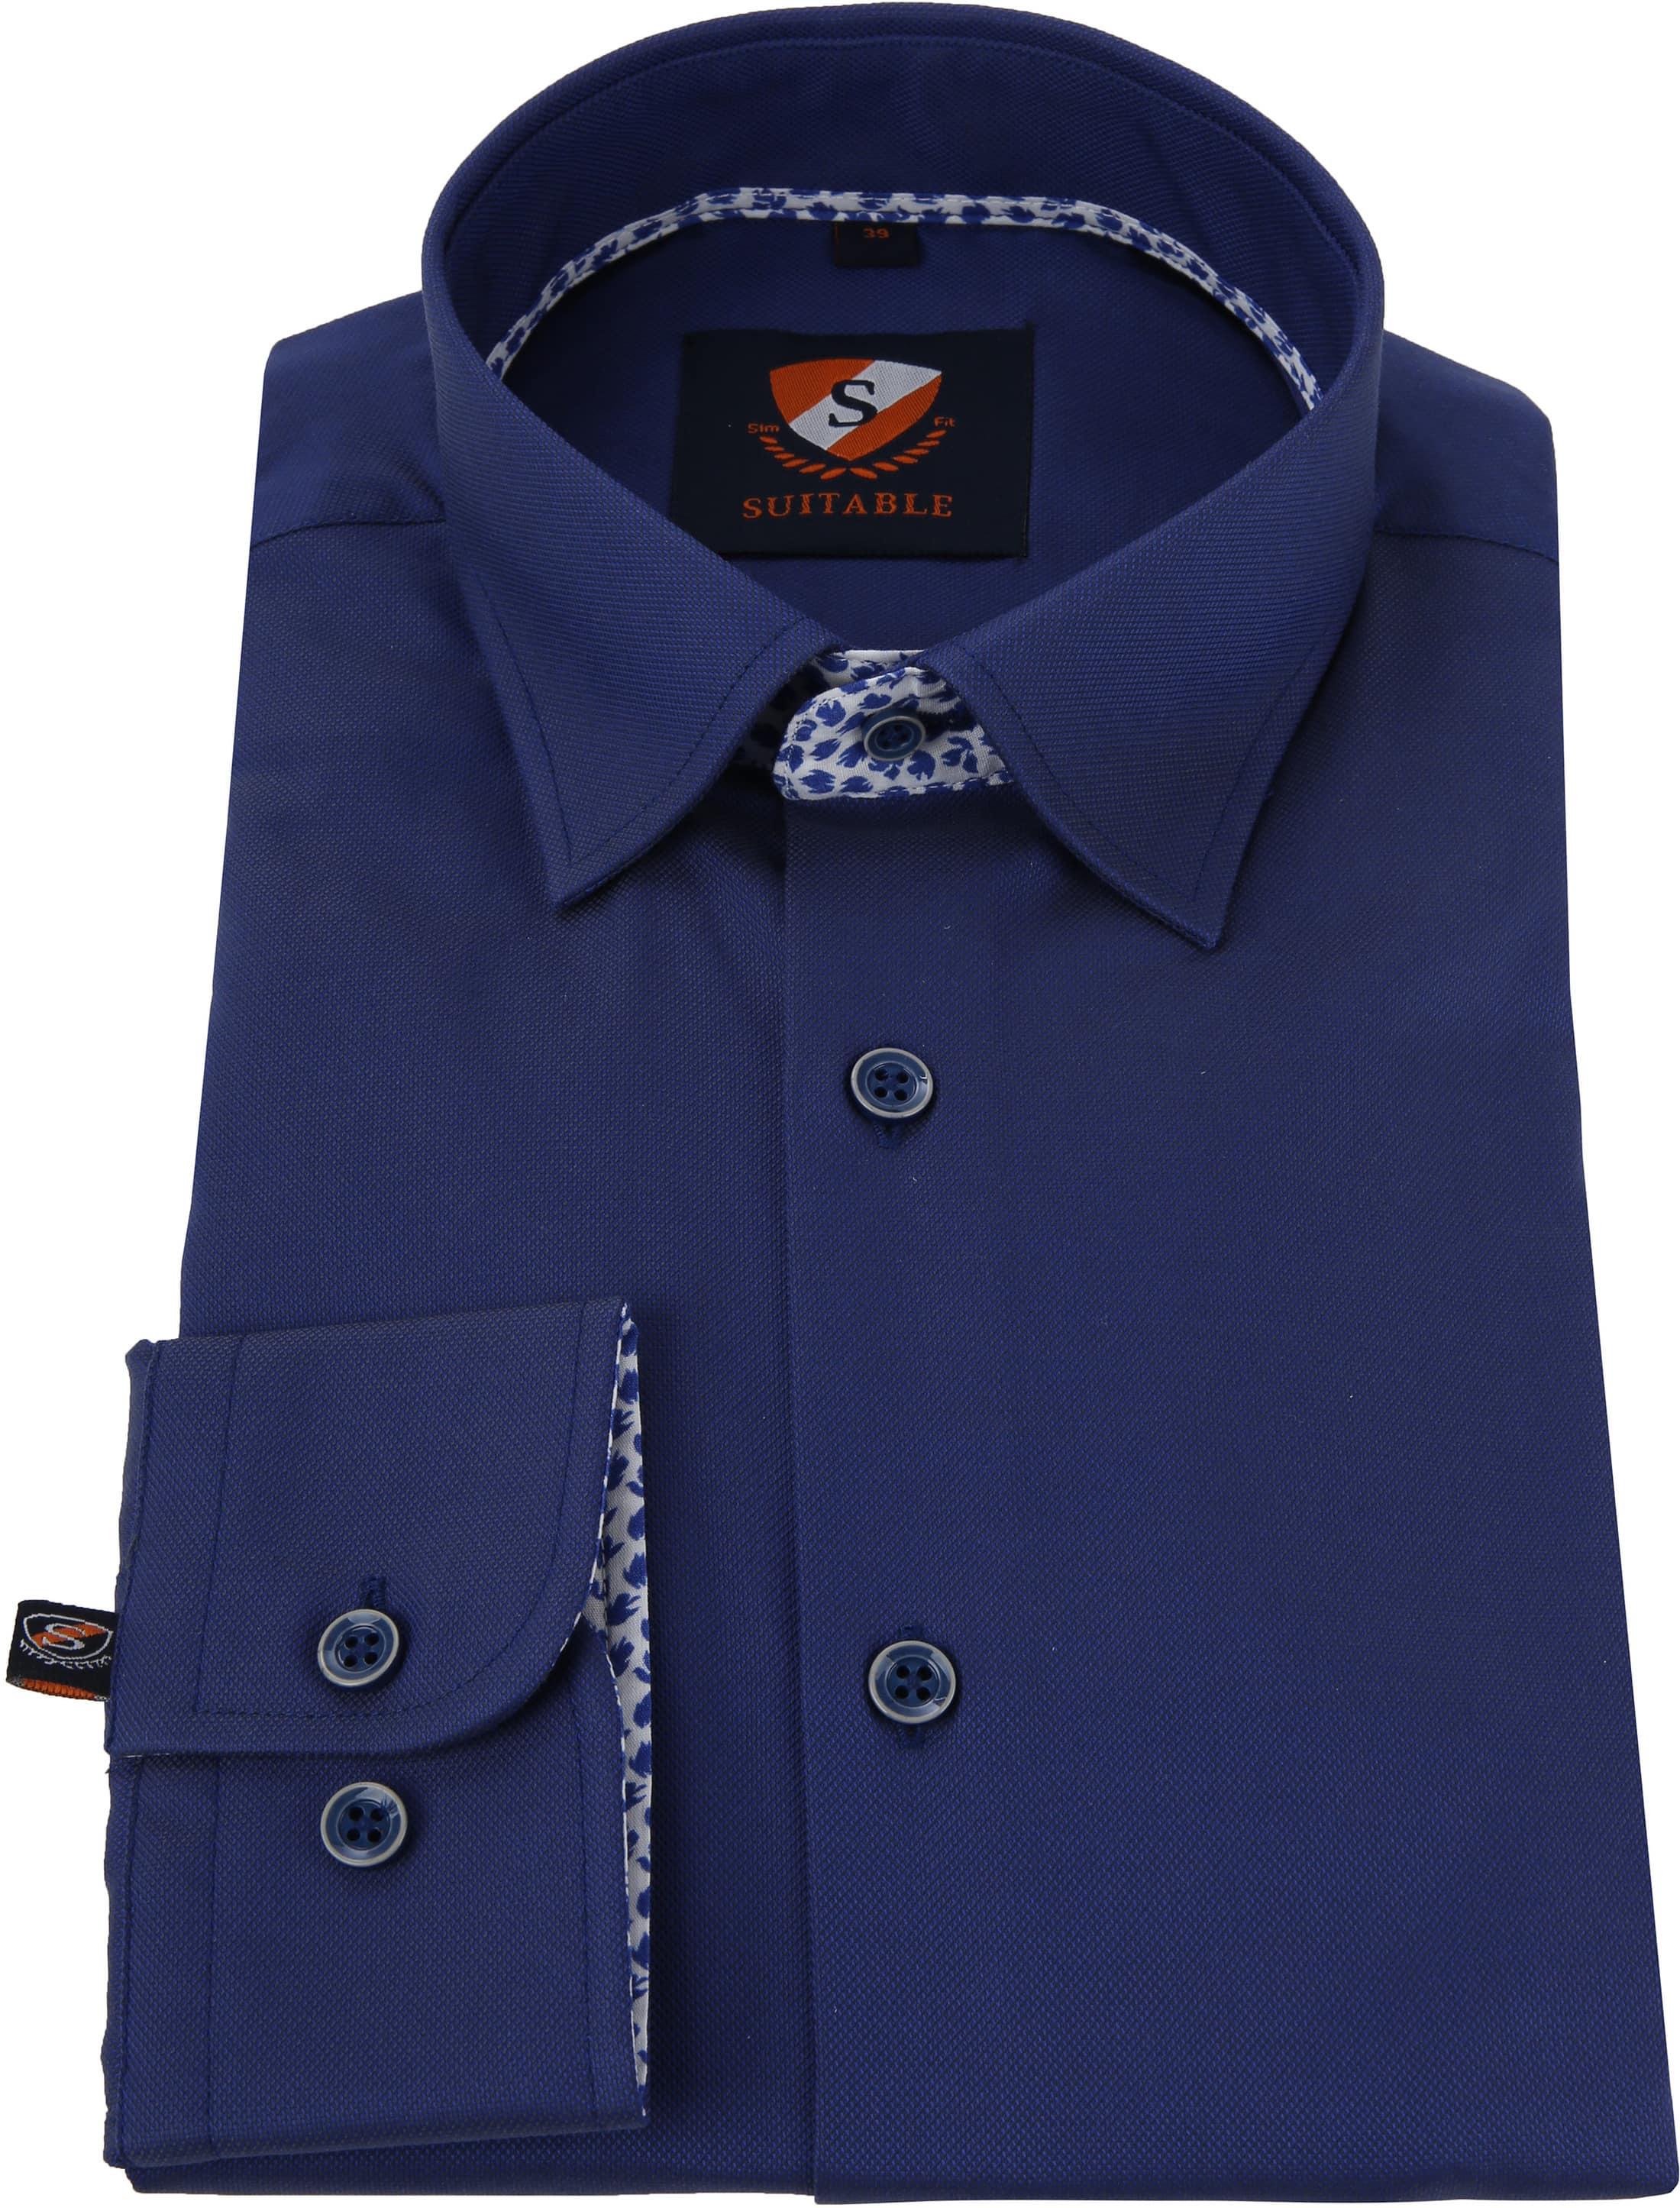 Suitable Shirt HBD Leaf Royal Navy foto 3